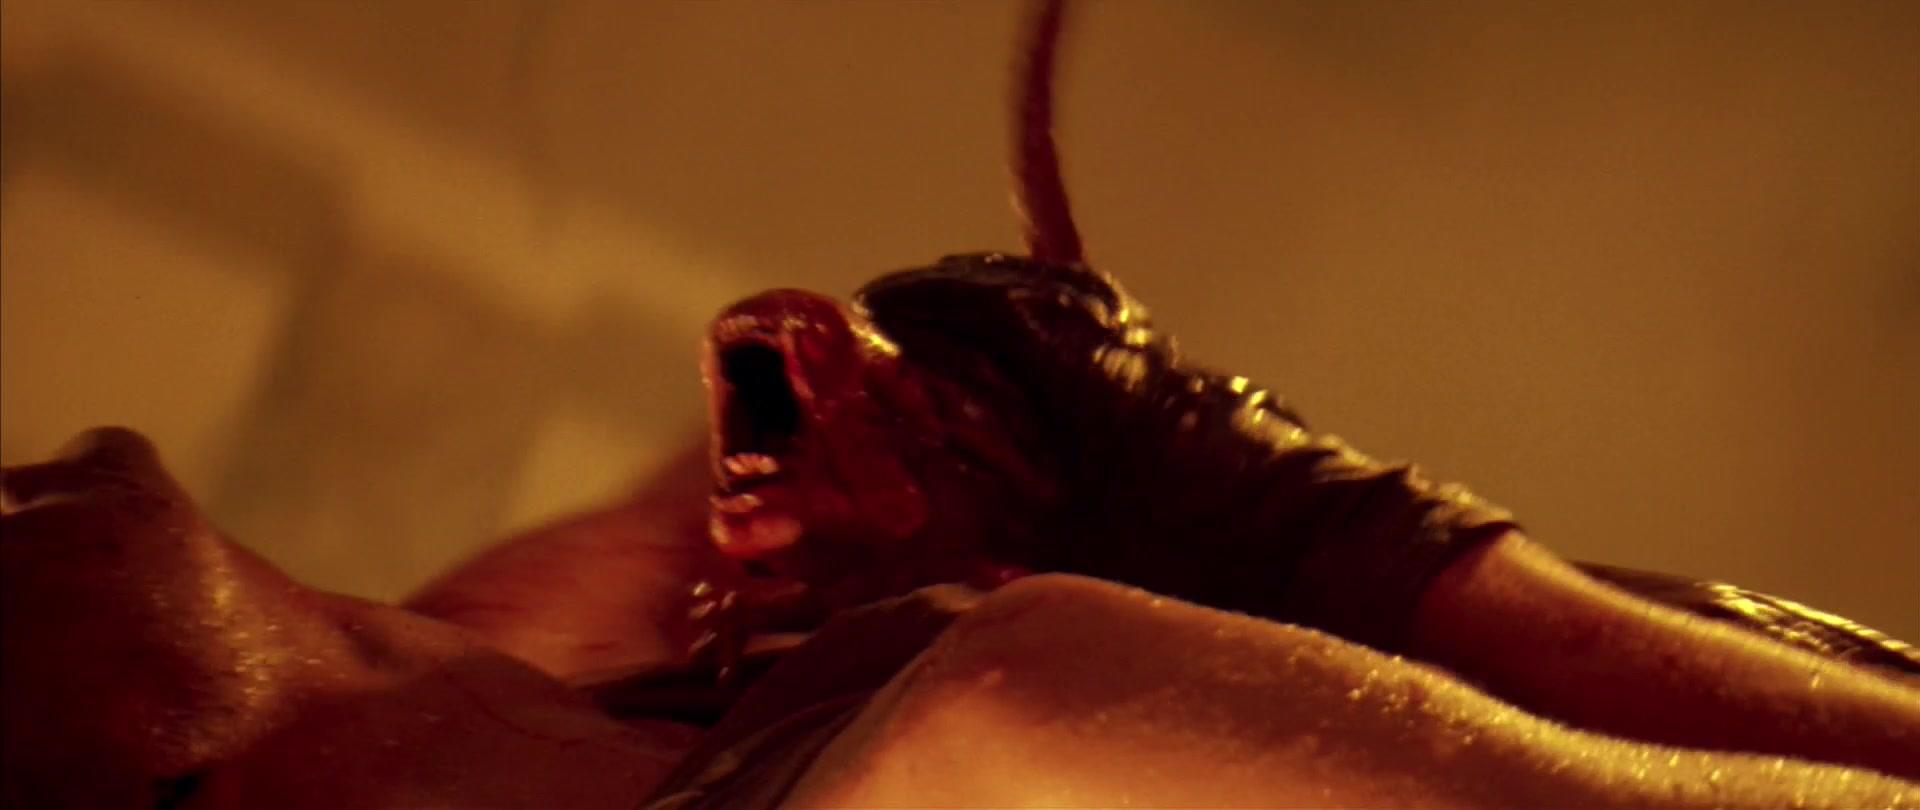 File:Alien-3-chestburster-birth-death 510.jpg